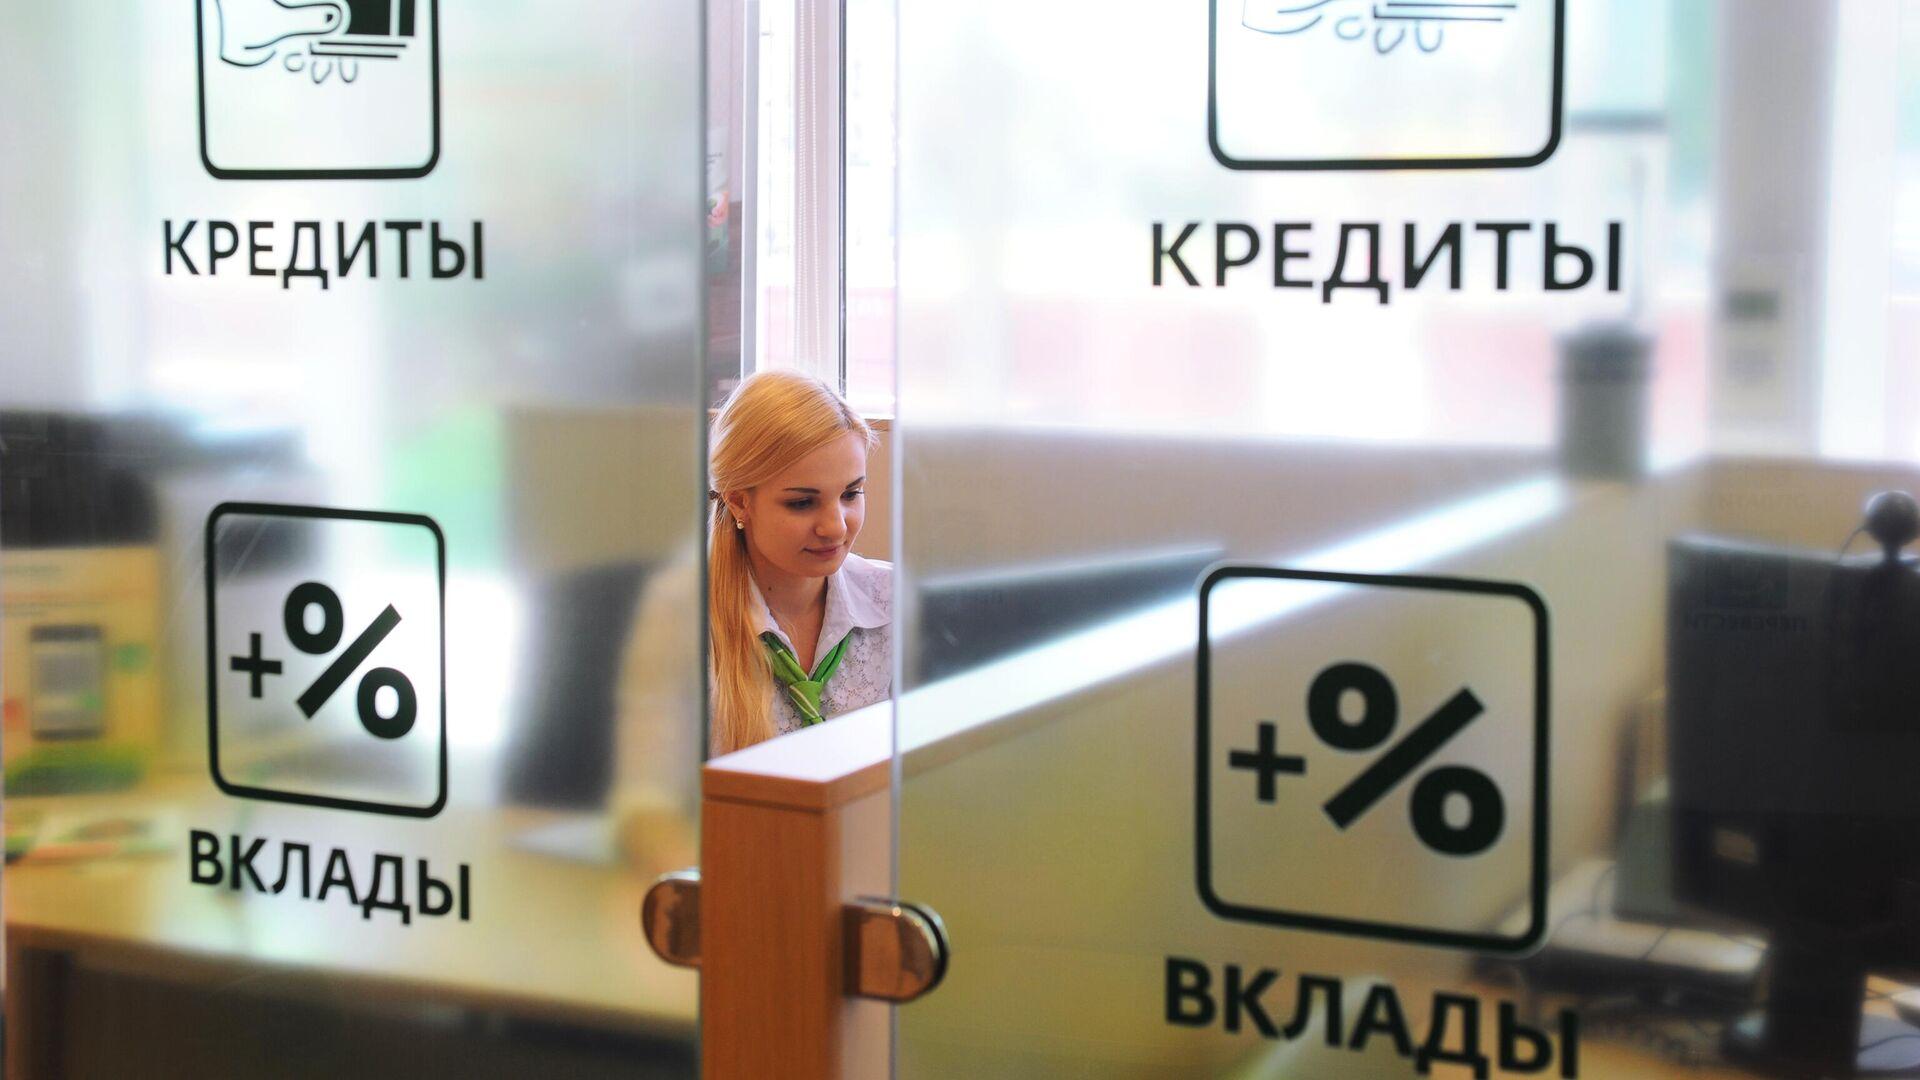 Менеджер в офисе по обслуживанию физических лиц ПАО Сбербанк - РИА Новости, 1920, 30.07.2021